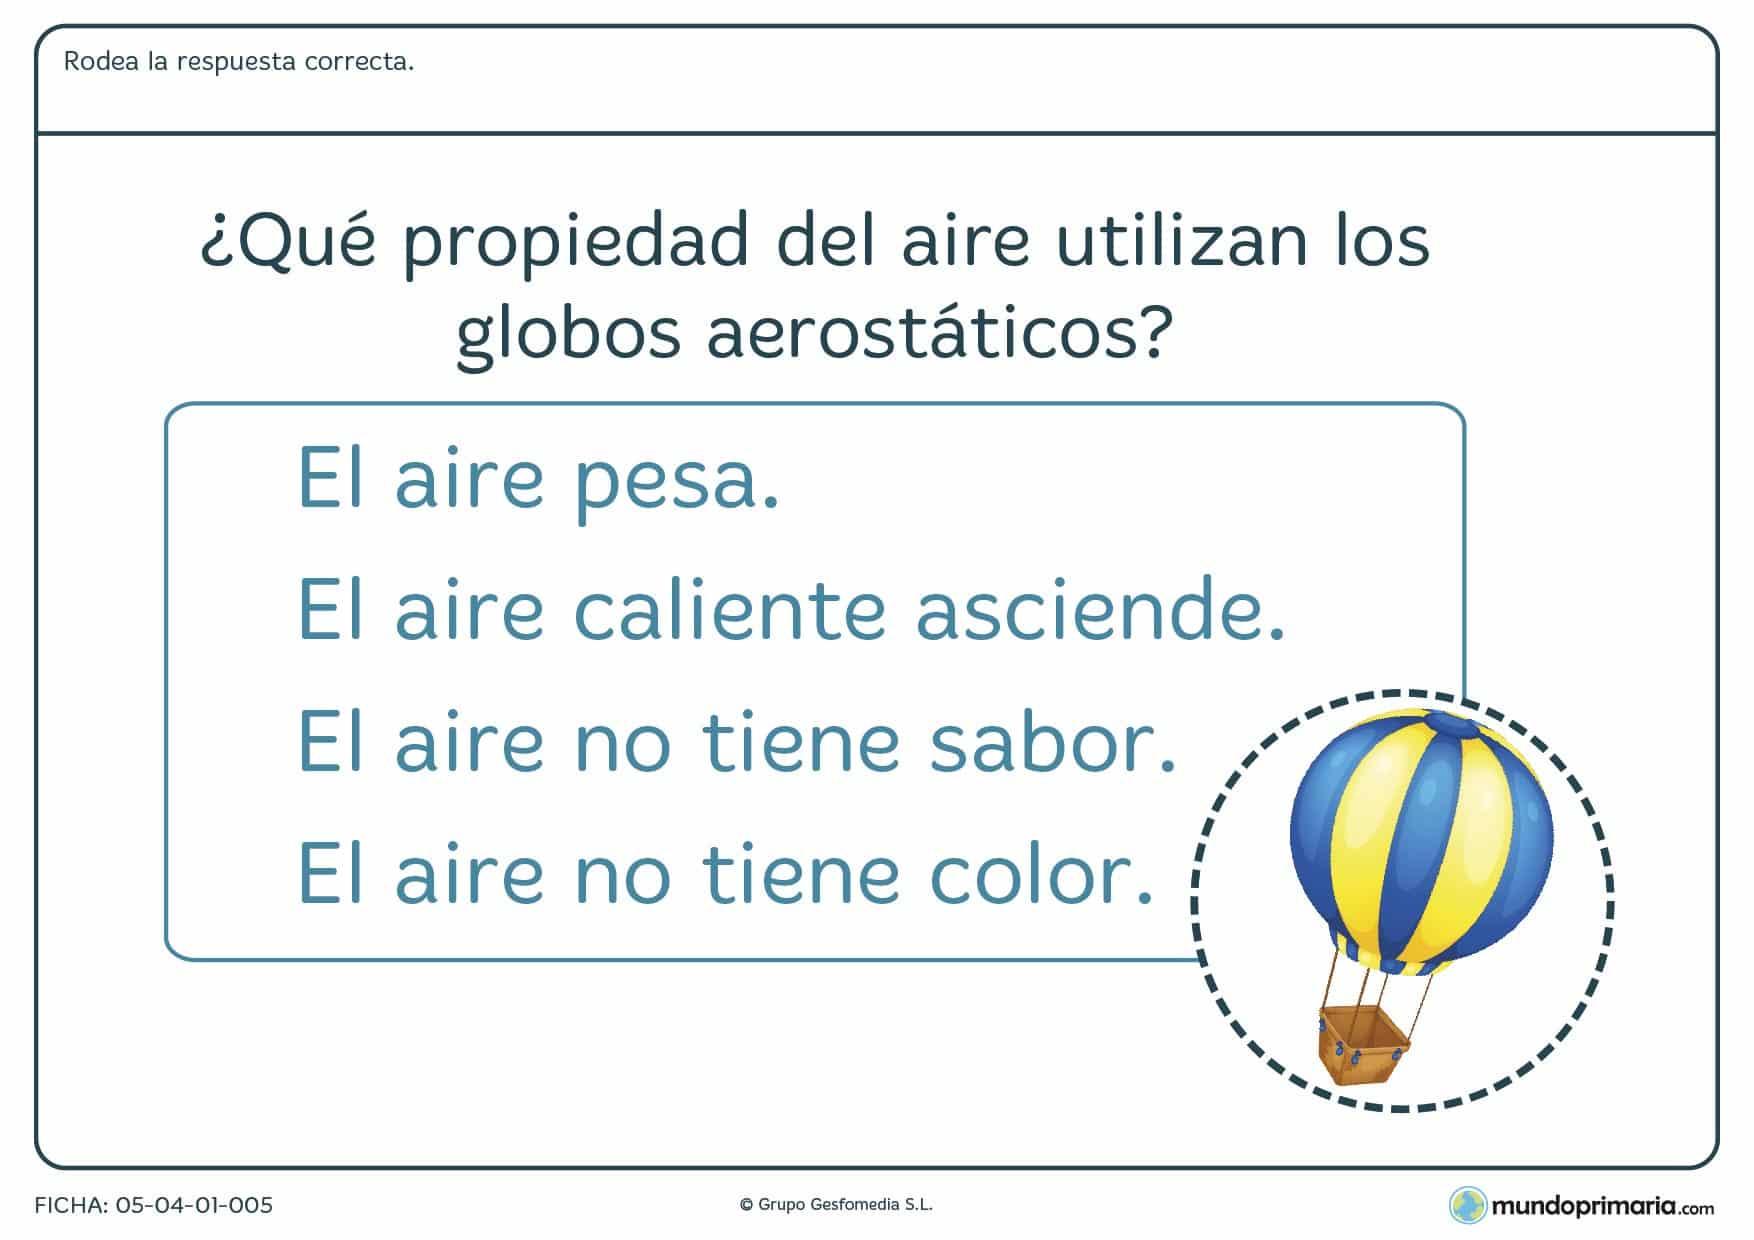 Ficha de propiedades del aire en el que hay que rodear cúal es la respuesta correcta a la pregunta planteada.